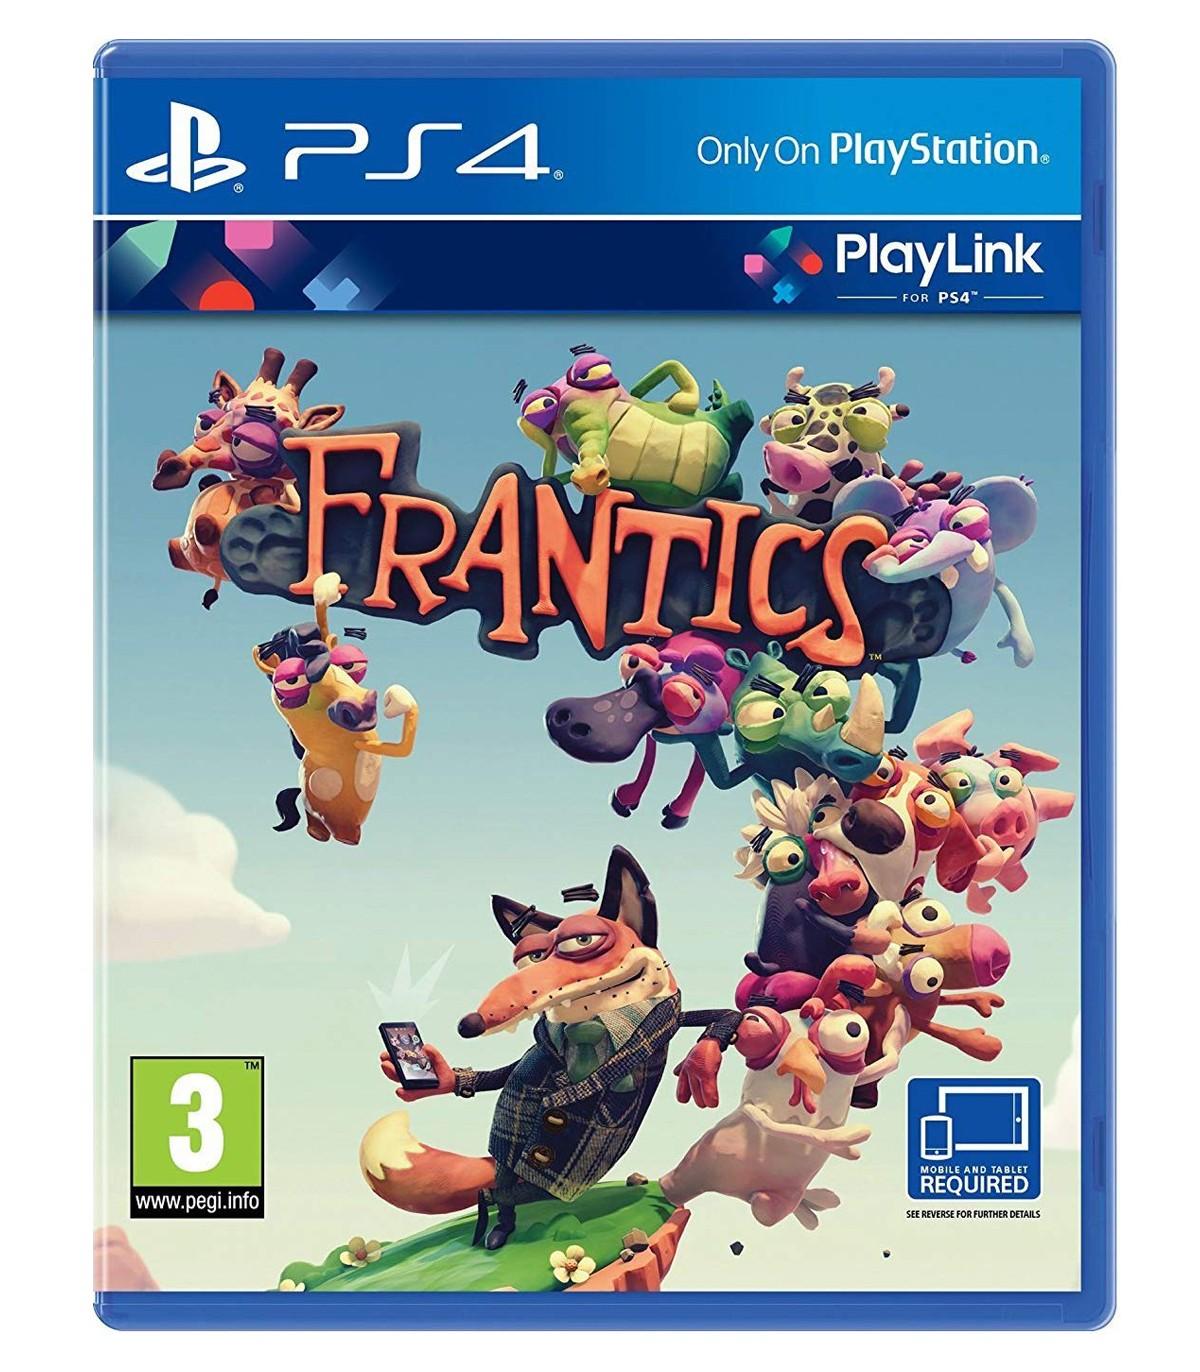 بازی Frantics - پلی استیشن 4